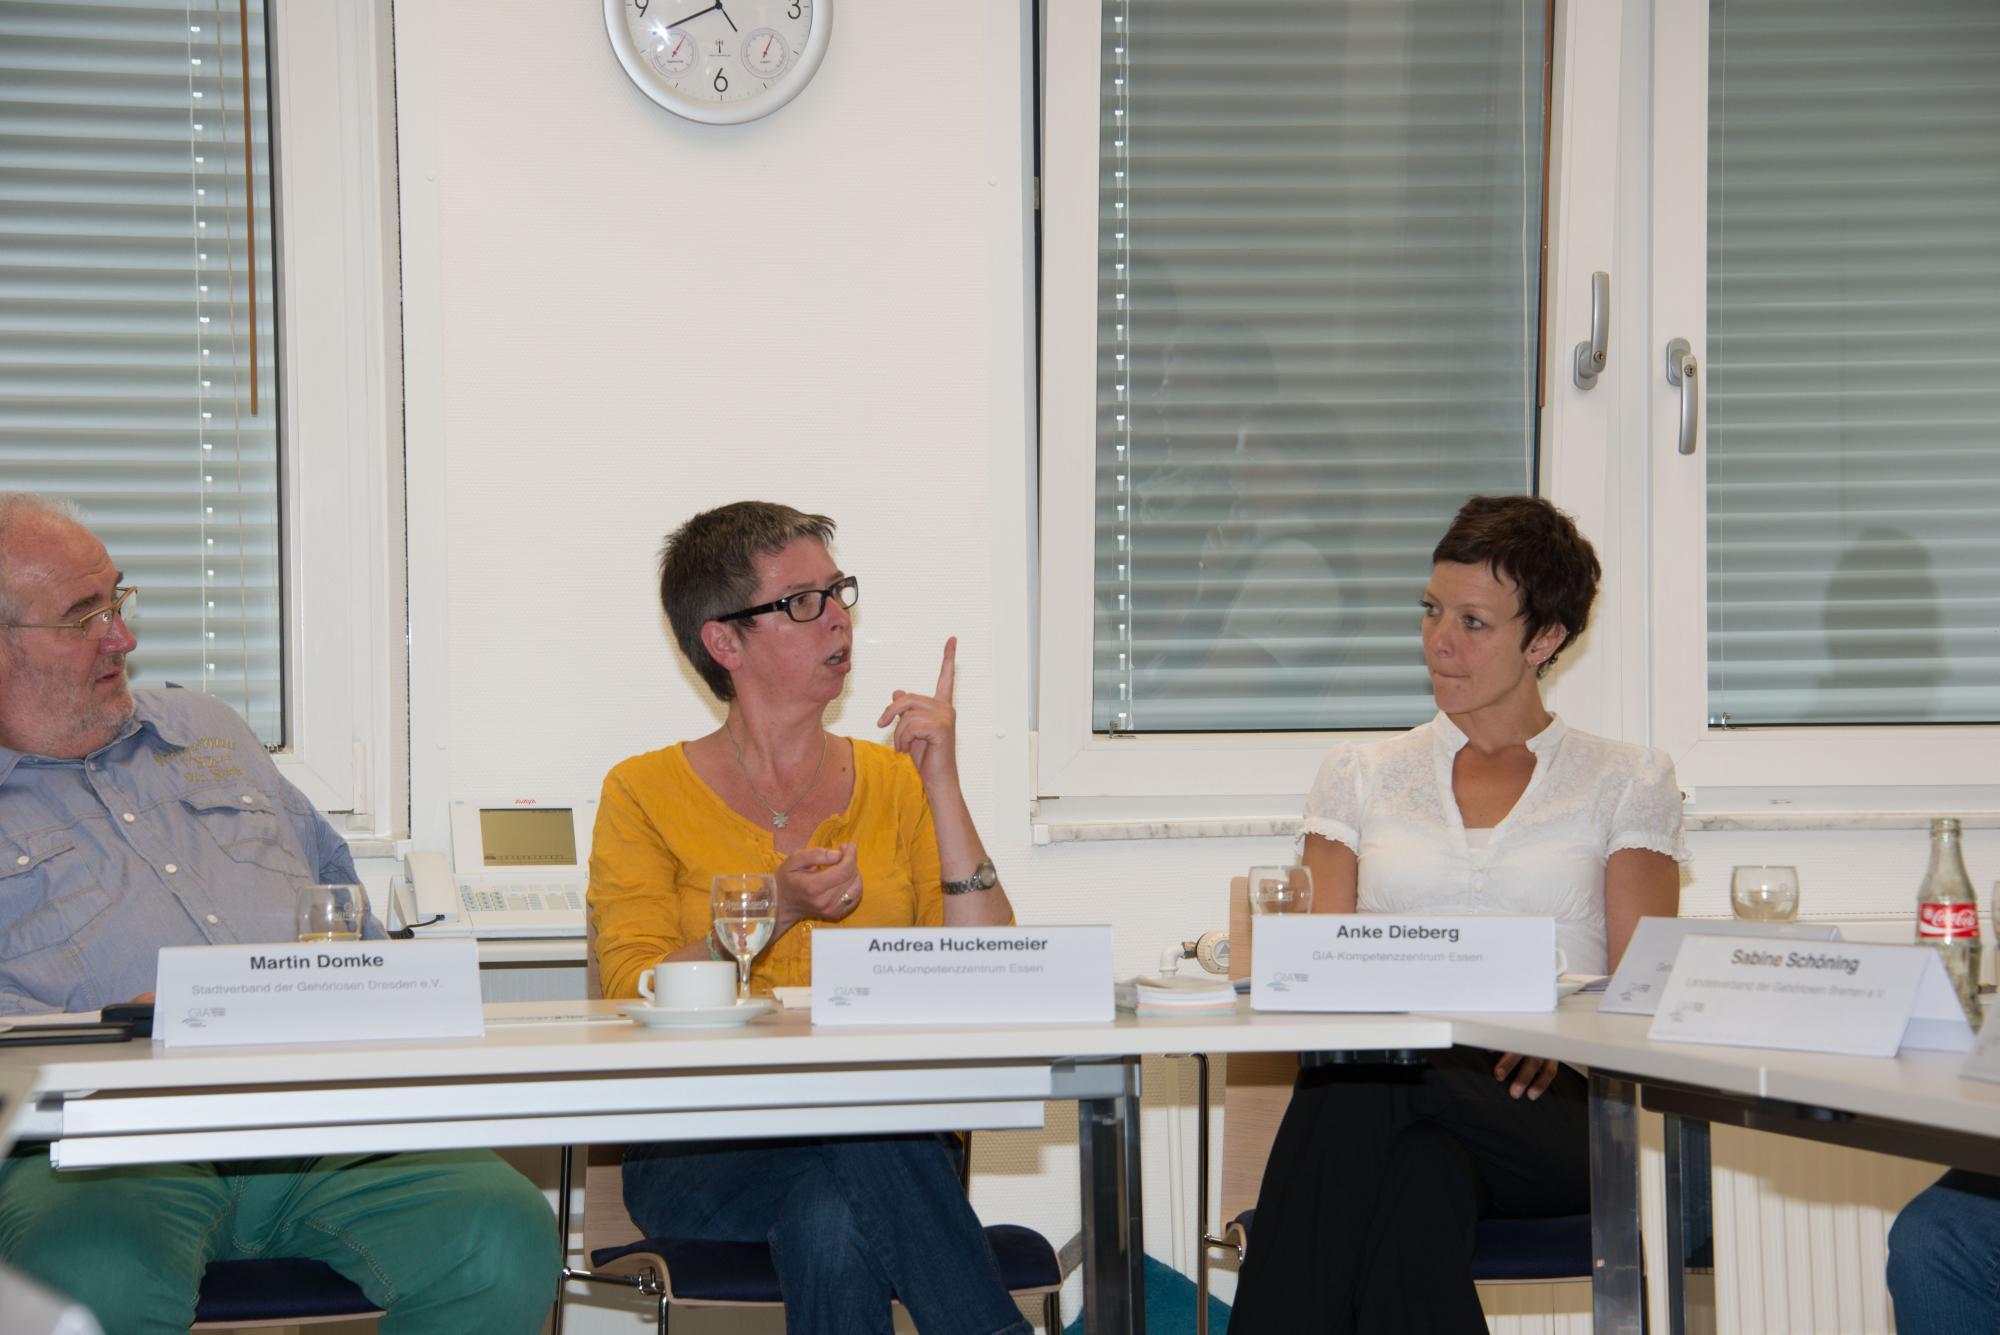 Martin Domke, Andrea Huckemeier und Anke Dieberg